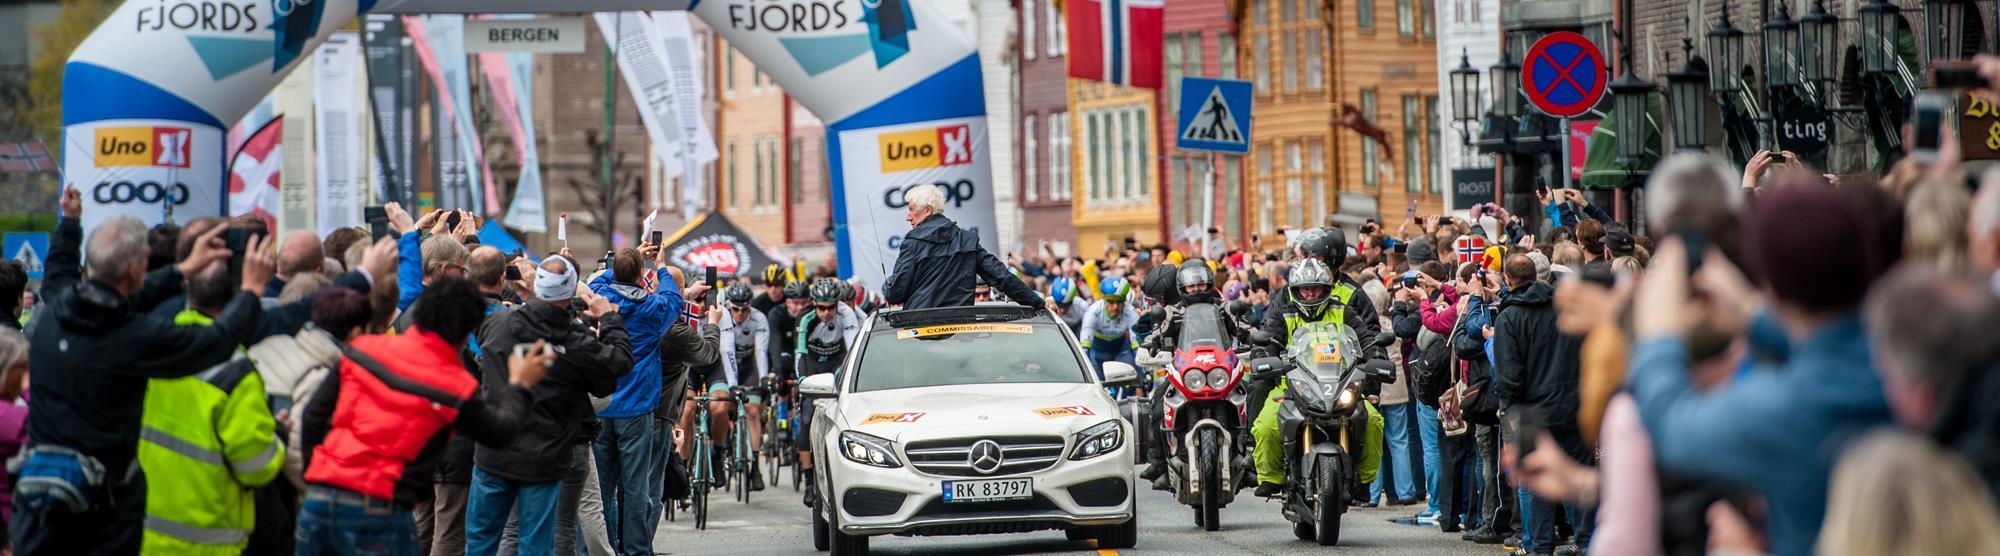 Sykkel-VM i Bergen!